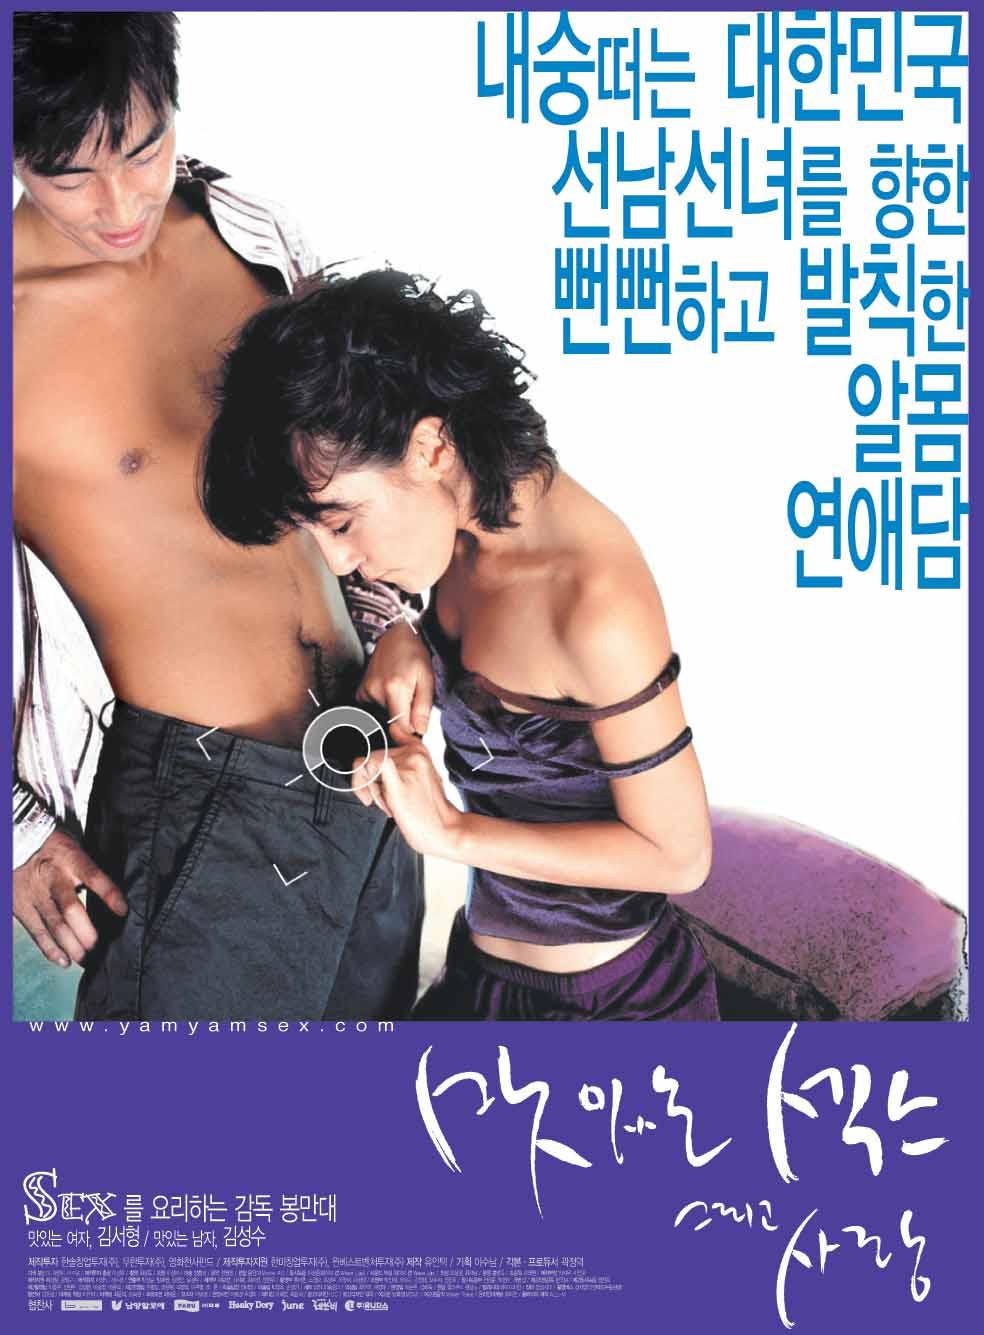 yuzhniy-koreya-seks-kino